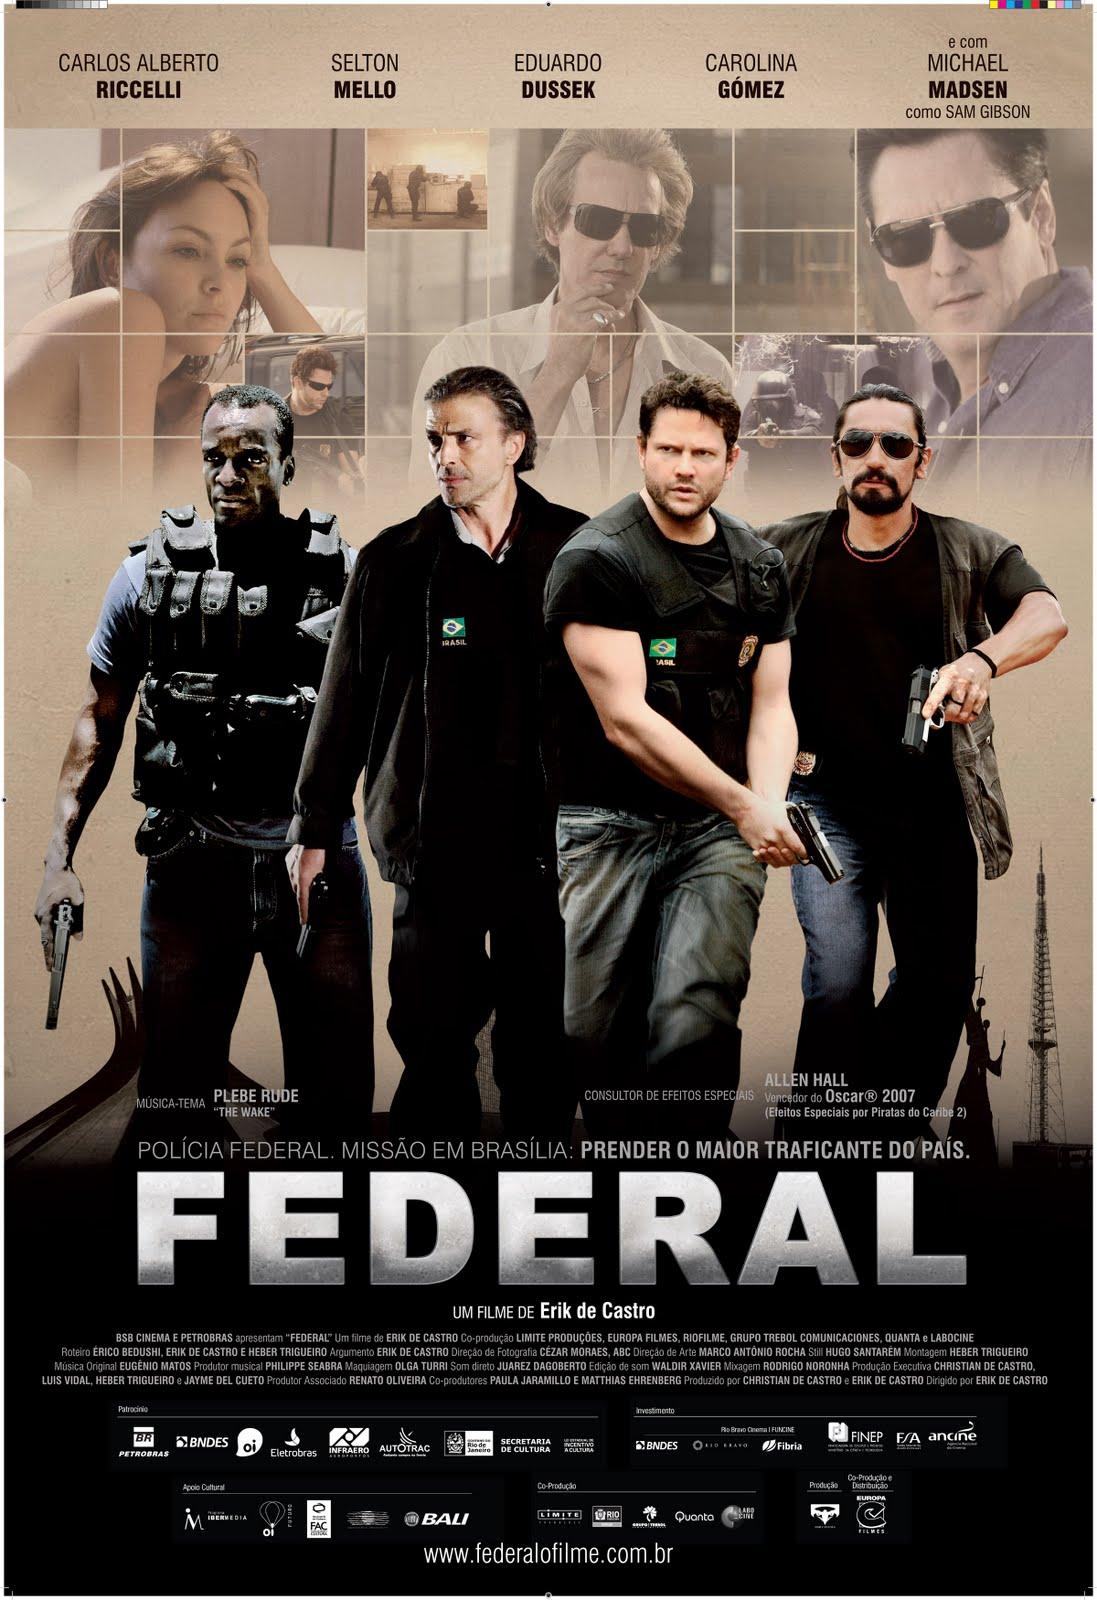 Resultado de imagem para federal filme 2010